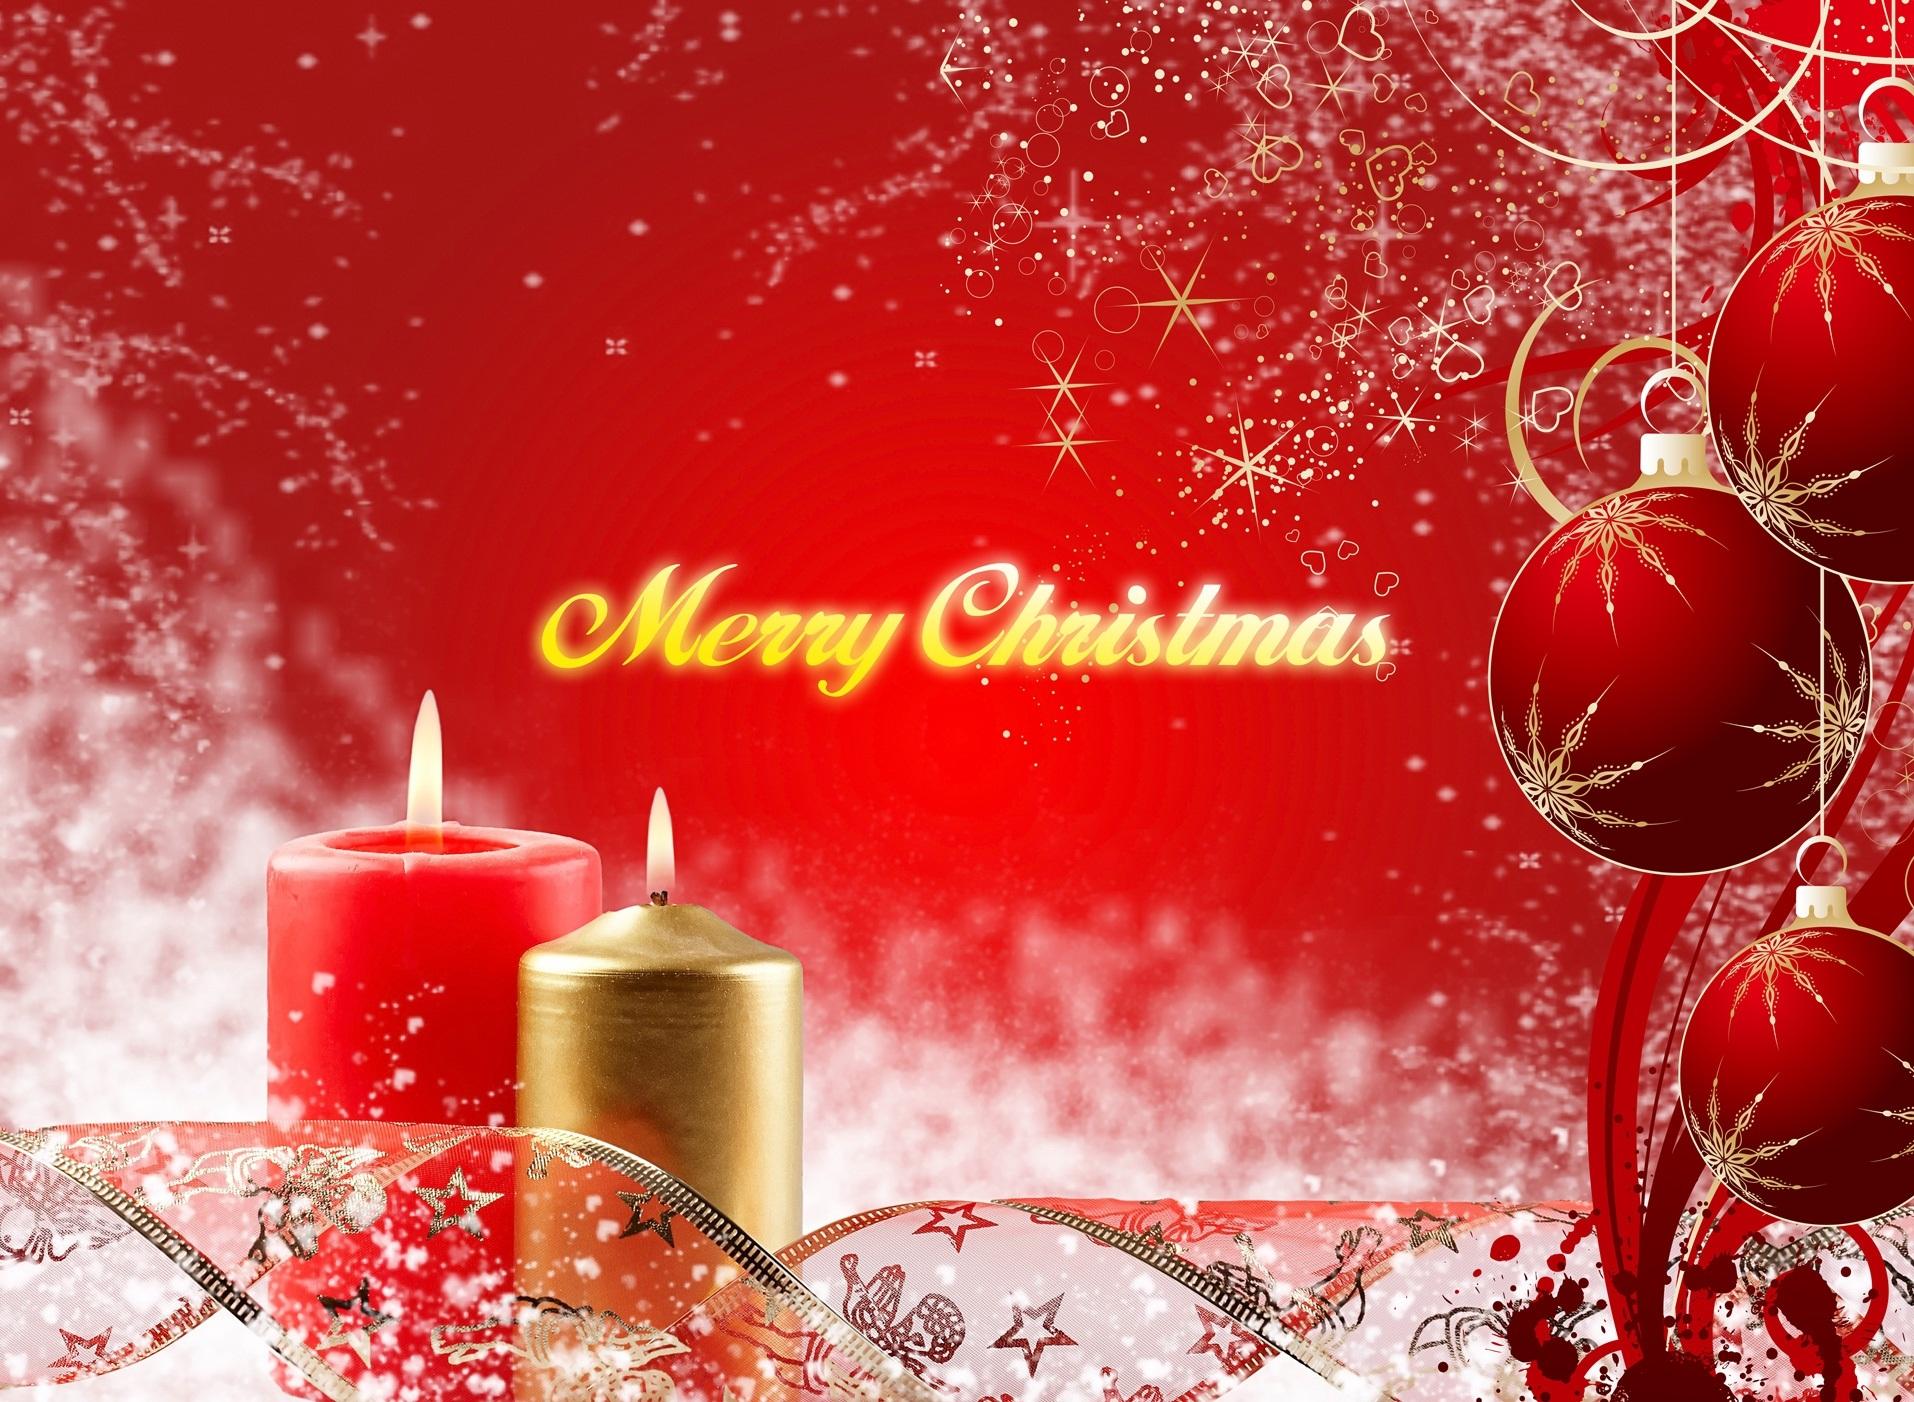 Christmas Screensavers Christmas Screensavers Hd Christmas 1914x1402